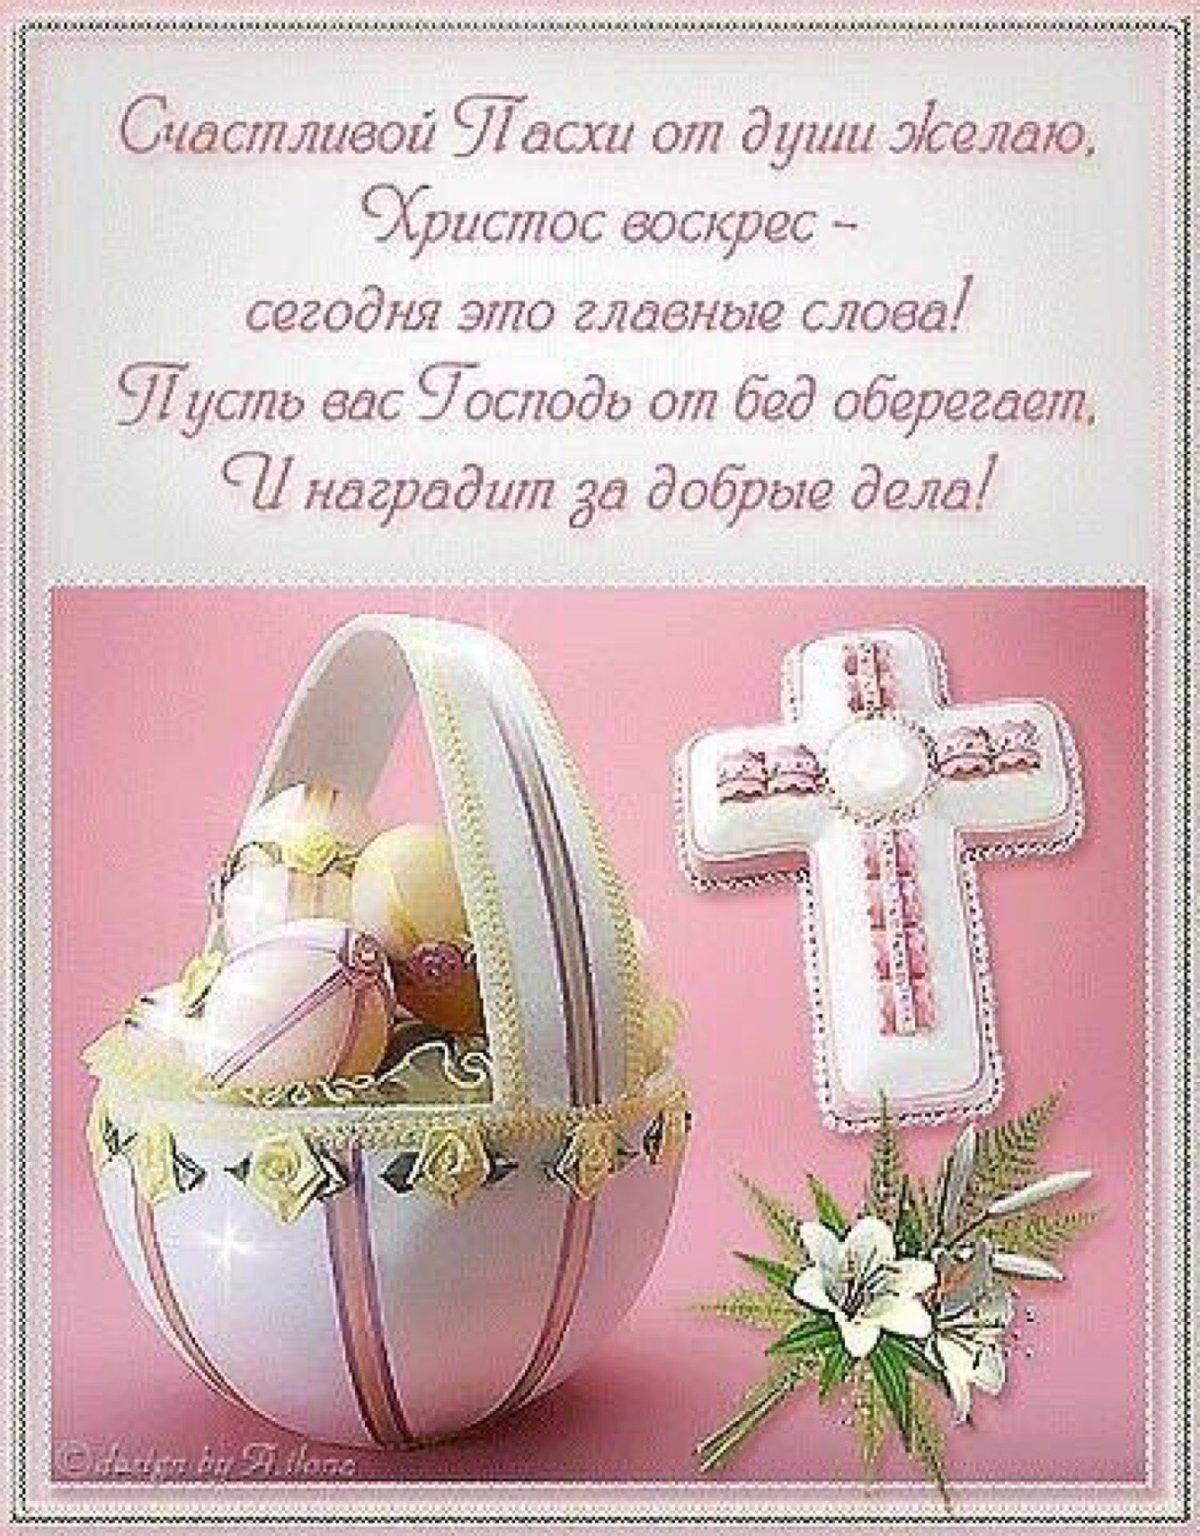 Христос воскрес стишок поздравление с пасхой